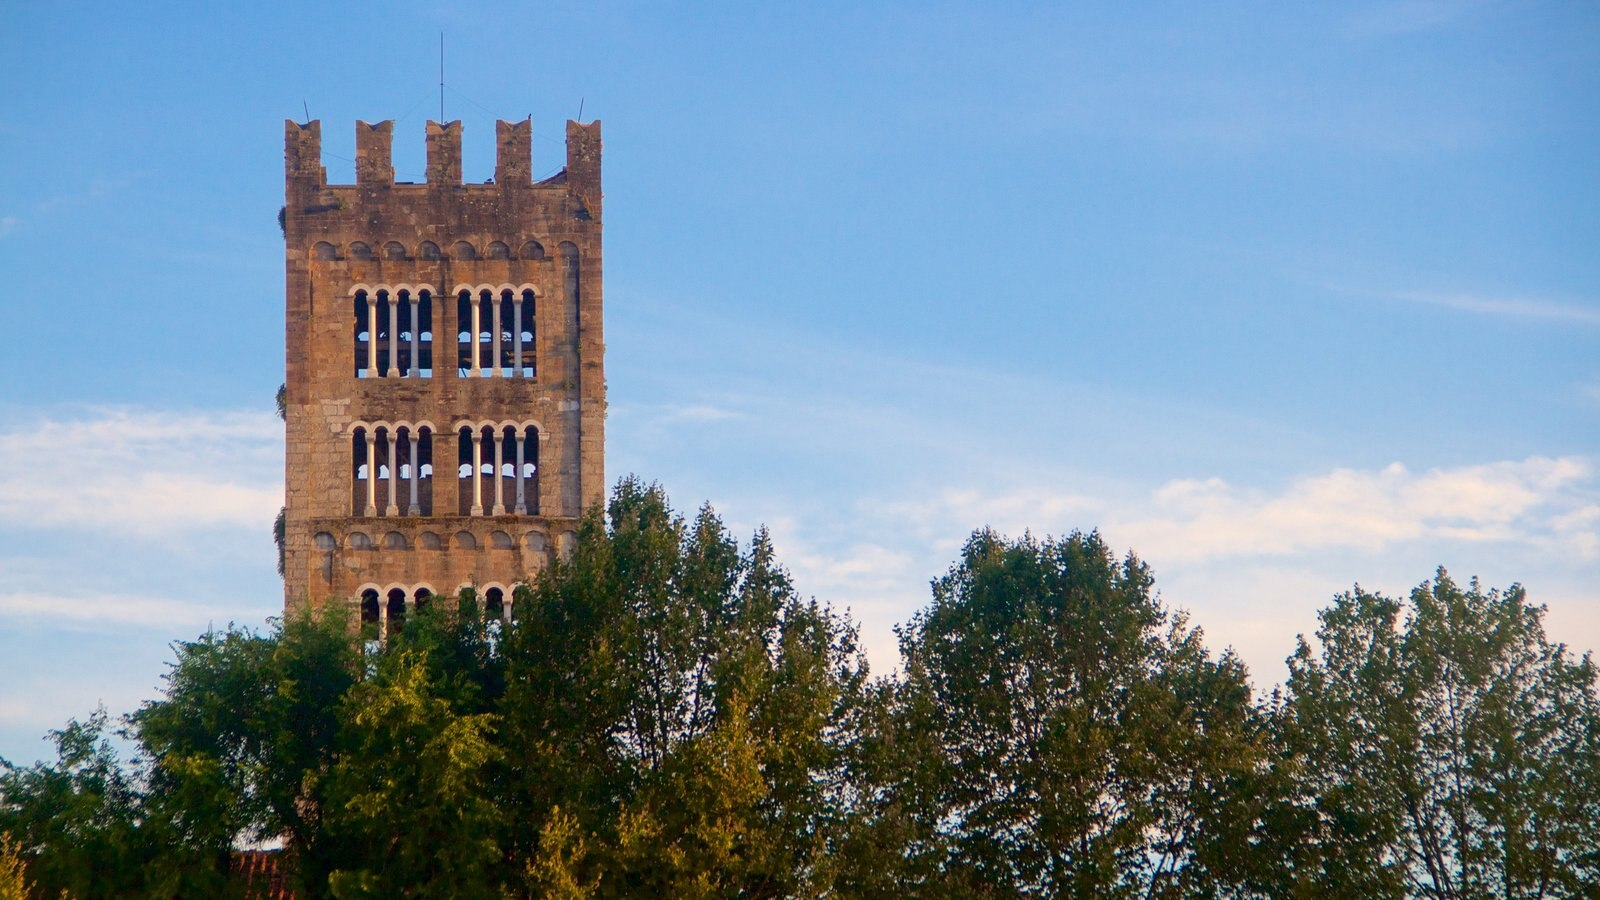 Basilica di San Frediano showing heritage architecture